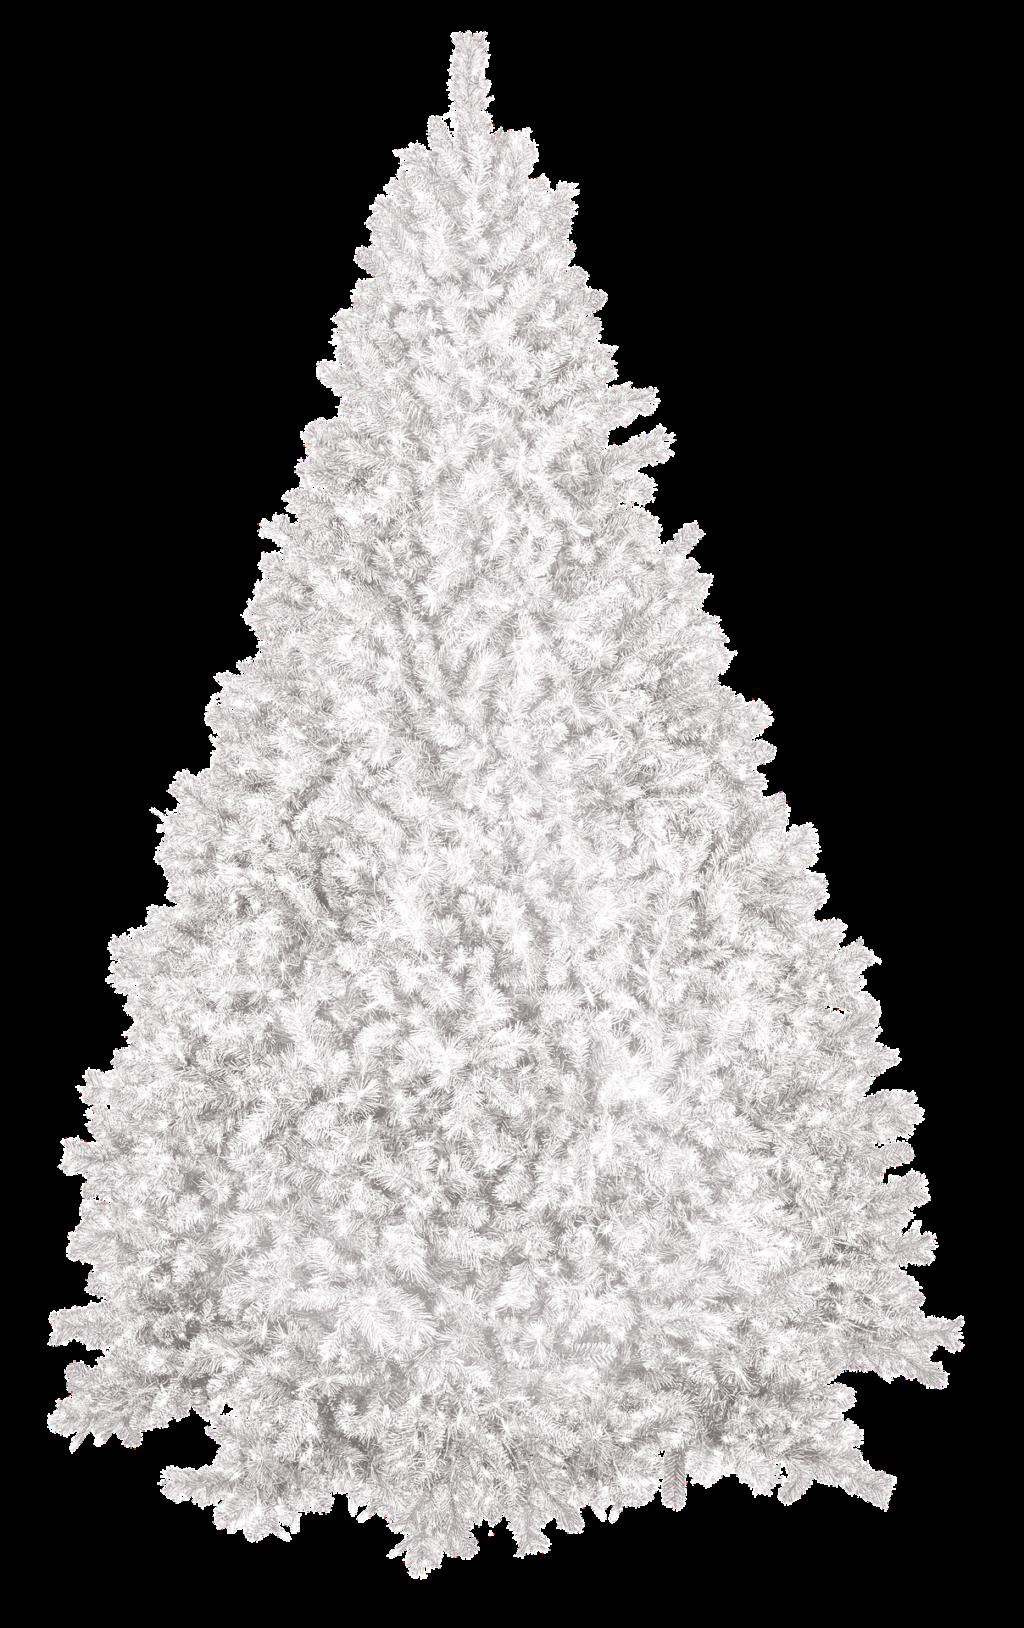 Foto Alberi Di Natale Bianchi albero di natale bianco, colora di bianco il tuo natale